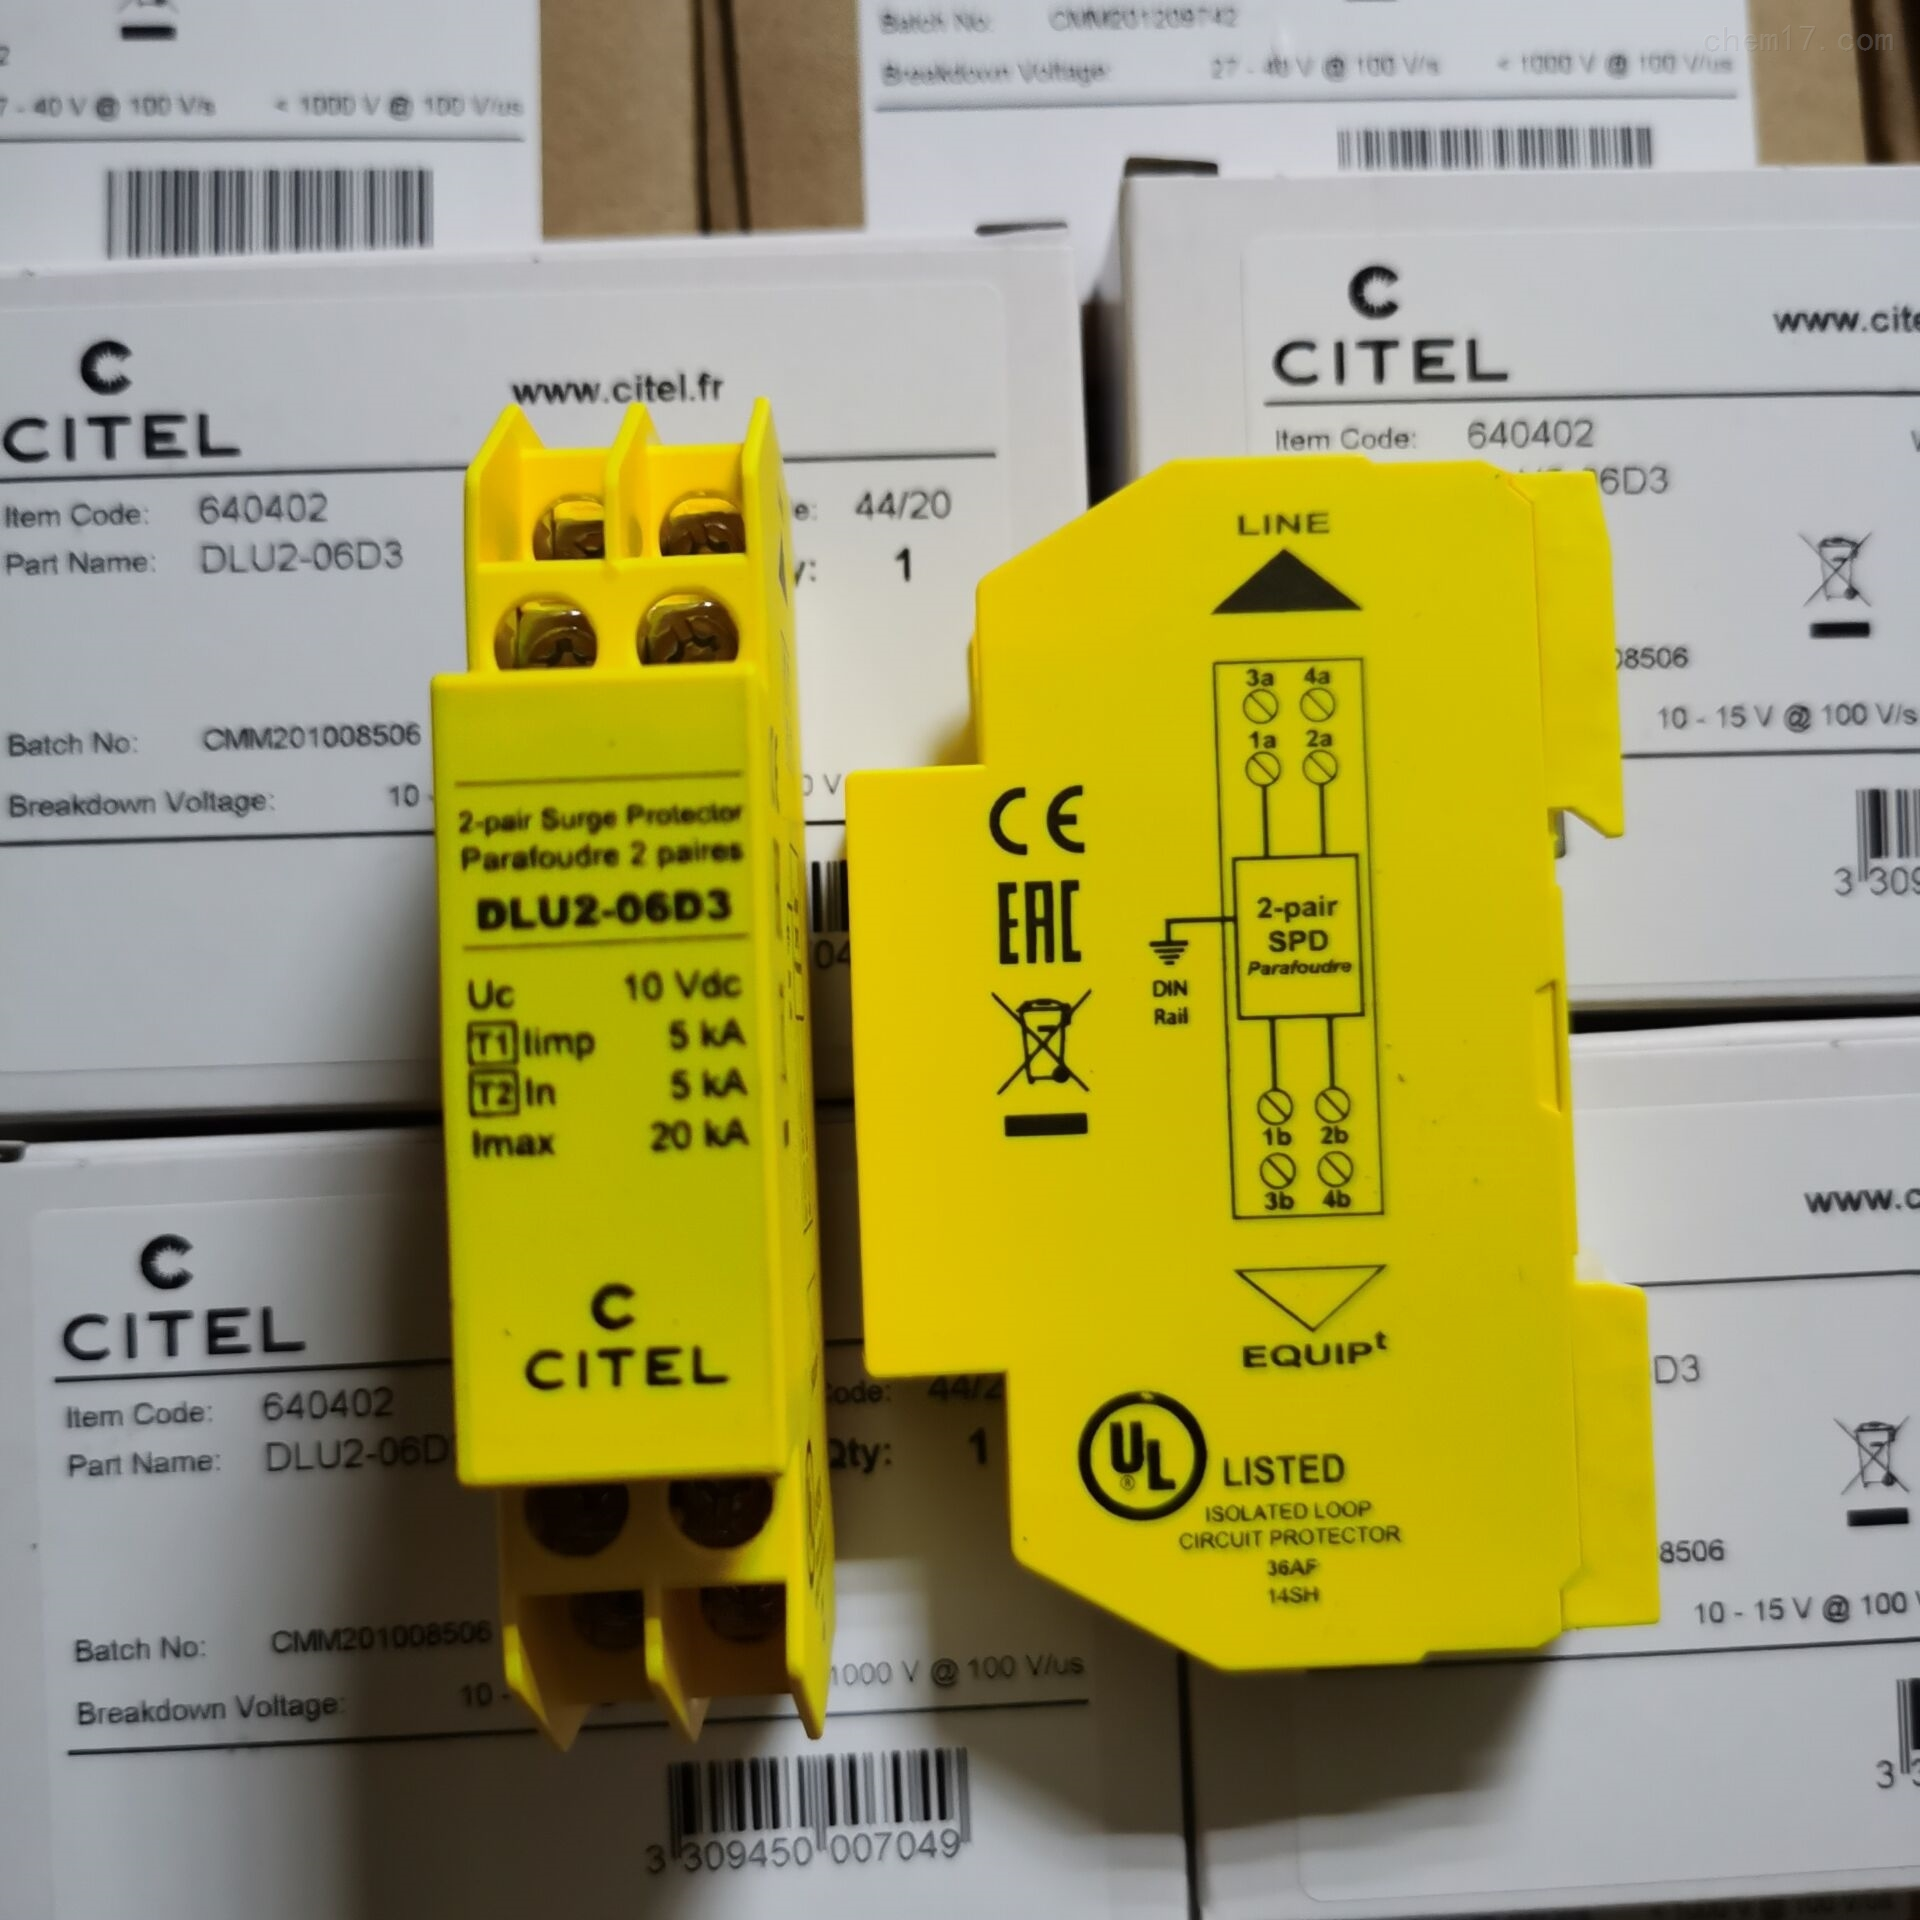 西岱尔信号电涌保护器DLU-170防雷器促销